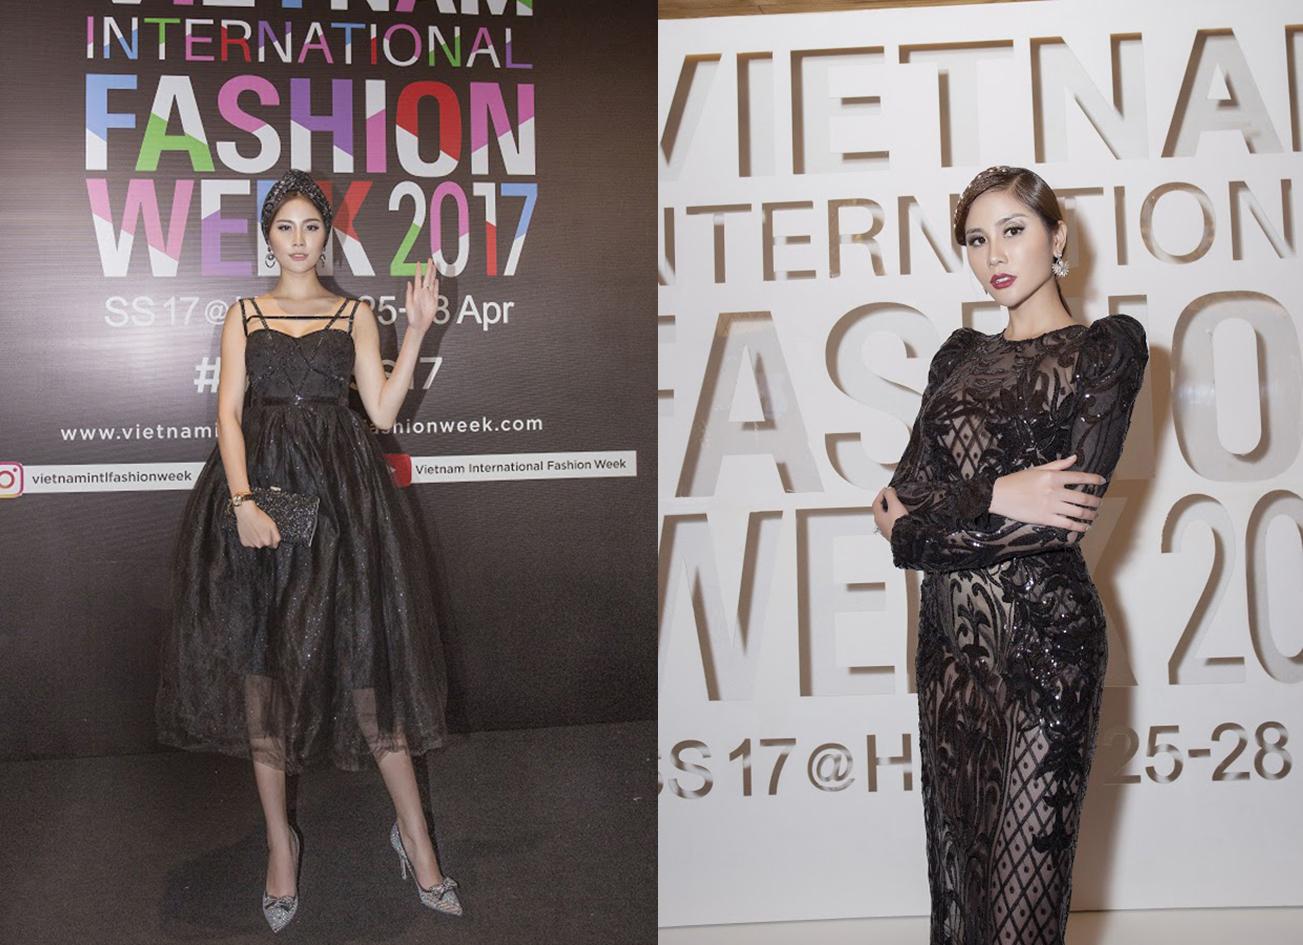 Á hậu Hoàng Hạnh khoe chân dài miên man trong tuần lễ thời trang VIFW SS 2017